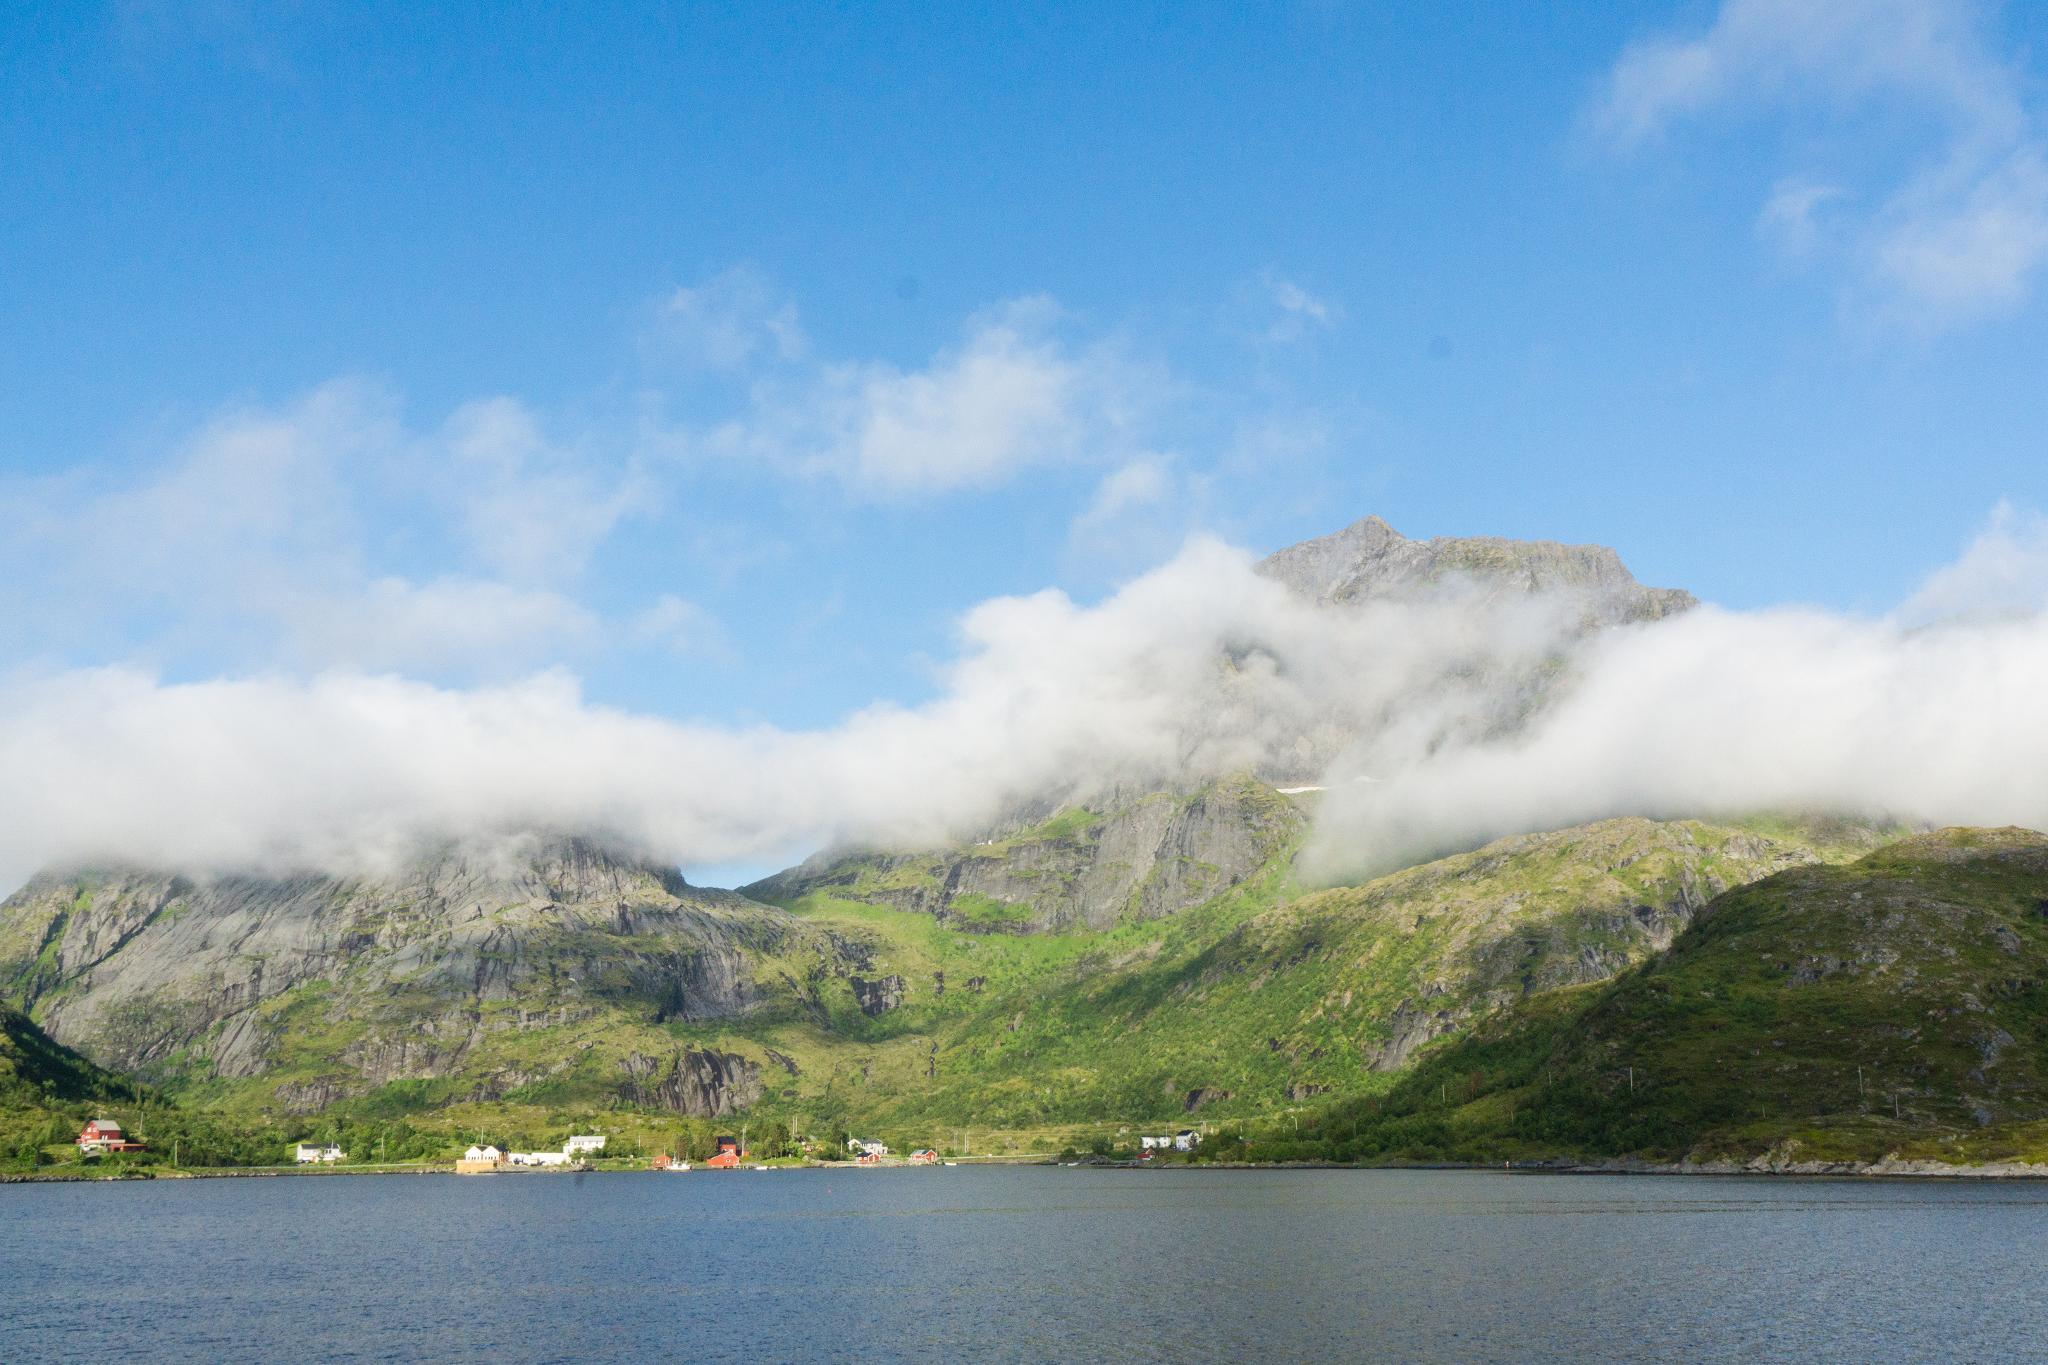 【羅弗敦群島】前進世界最美麗的島嶼 - Lofoten Islands 行程全攻略 17